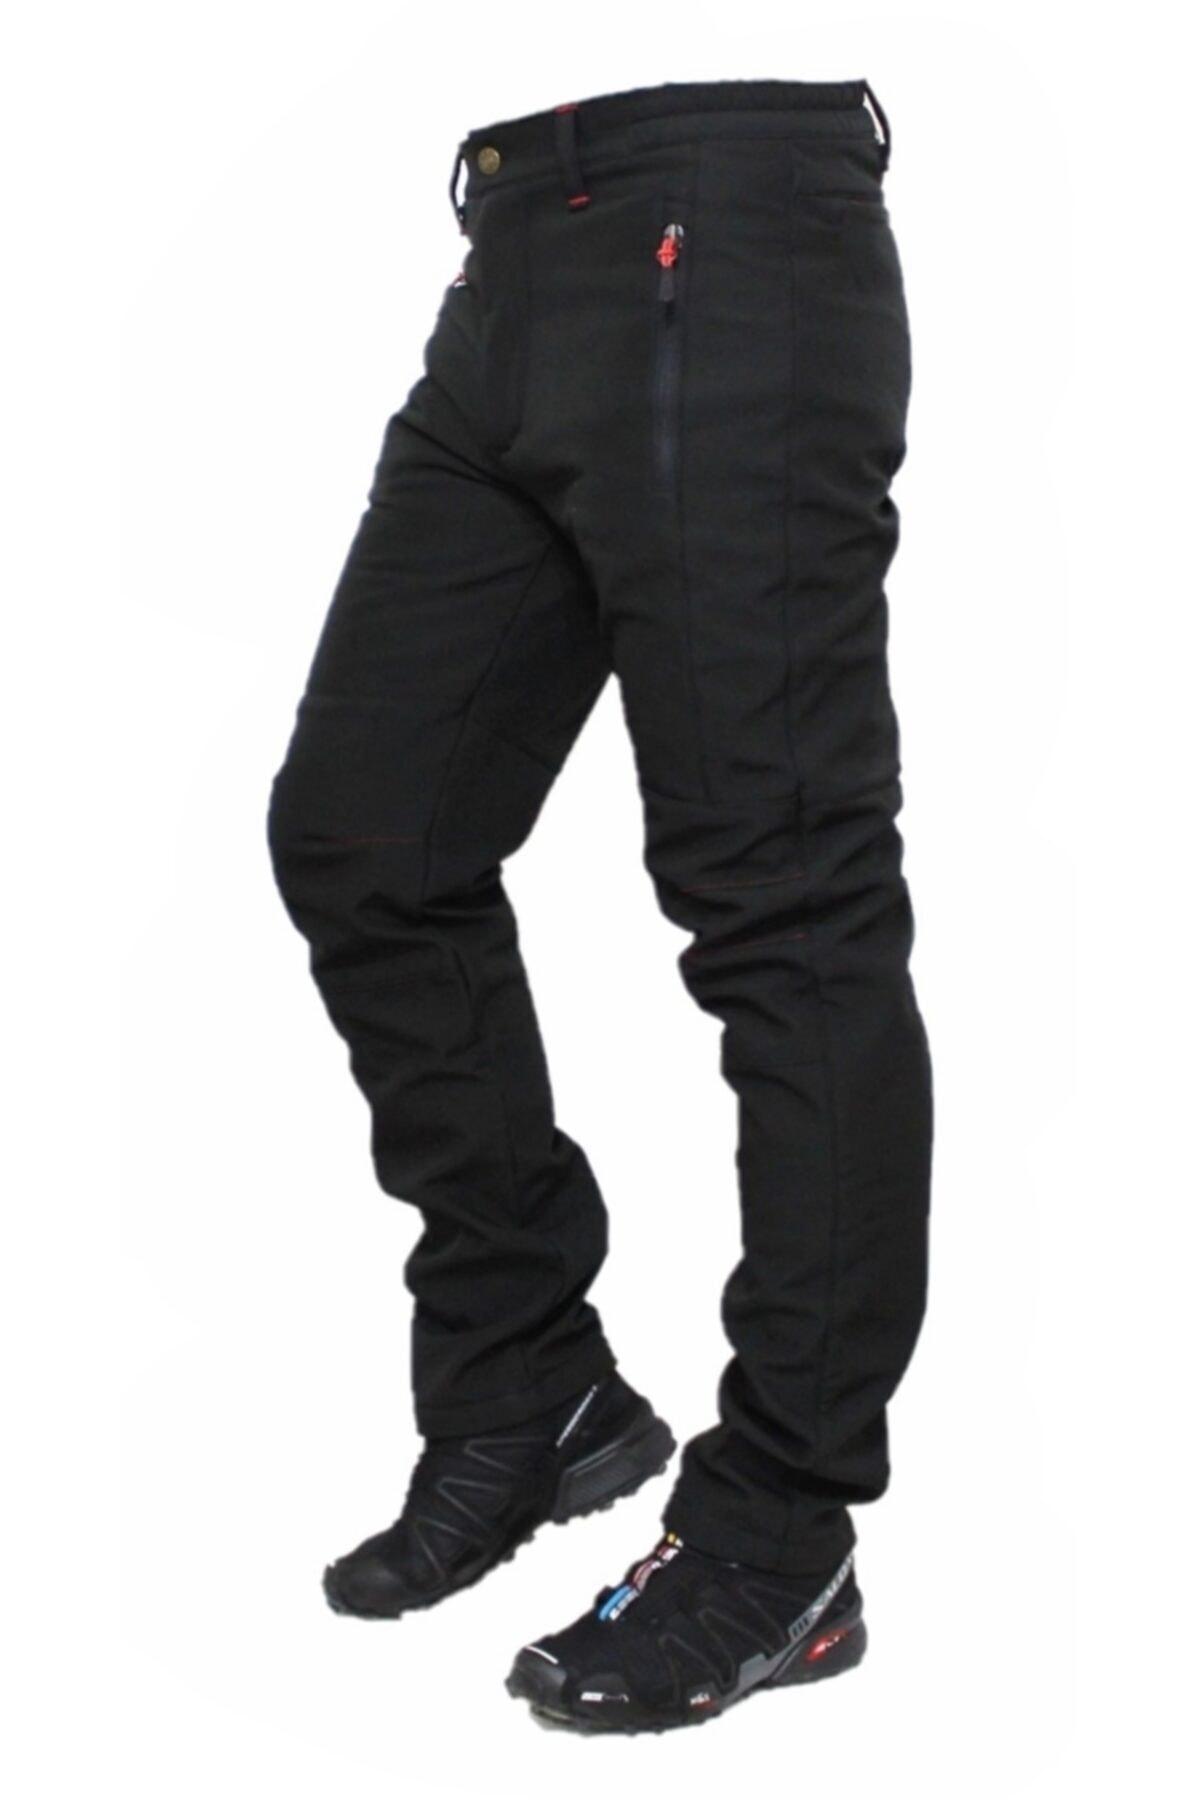 Ysf %100 Su Ve Rüzgar Geçirmez Softshell Pantolon 1